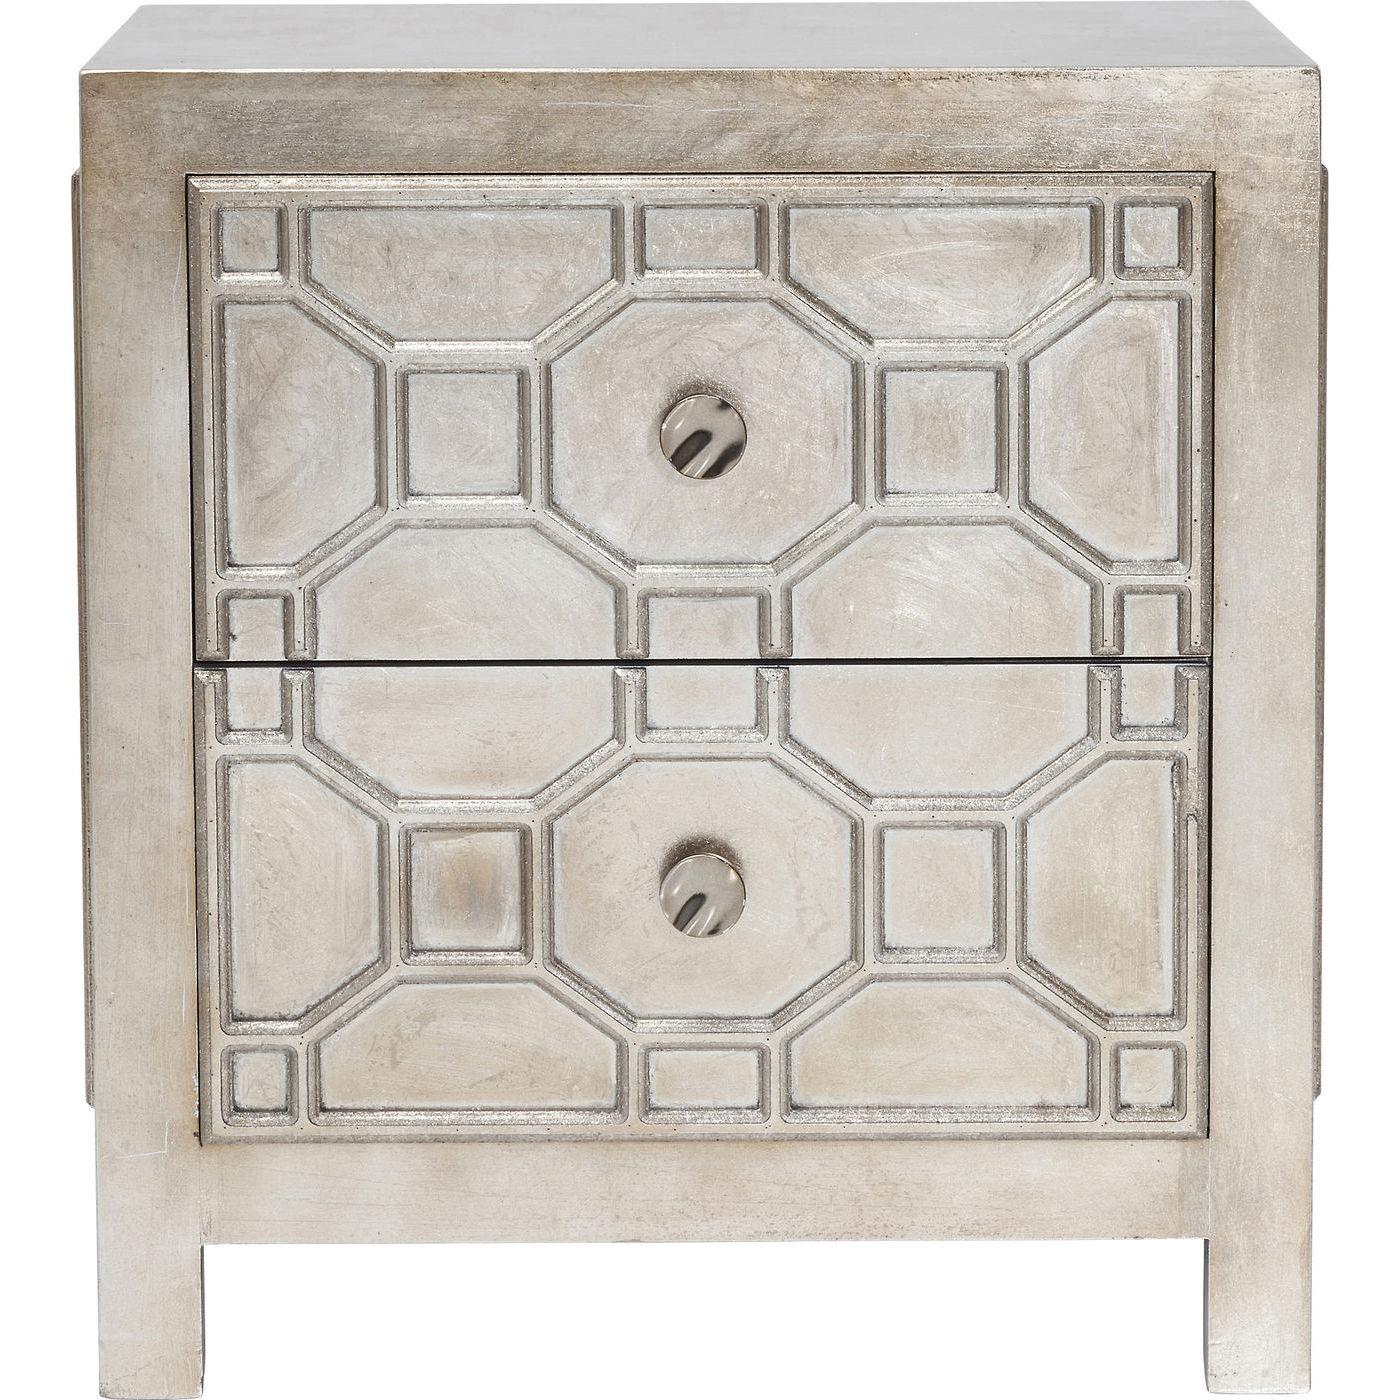 Image of   KARE DESIGN Alhambra natbord - sølv, m. 2 skuffer